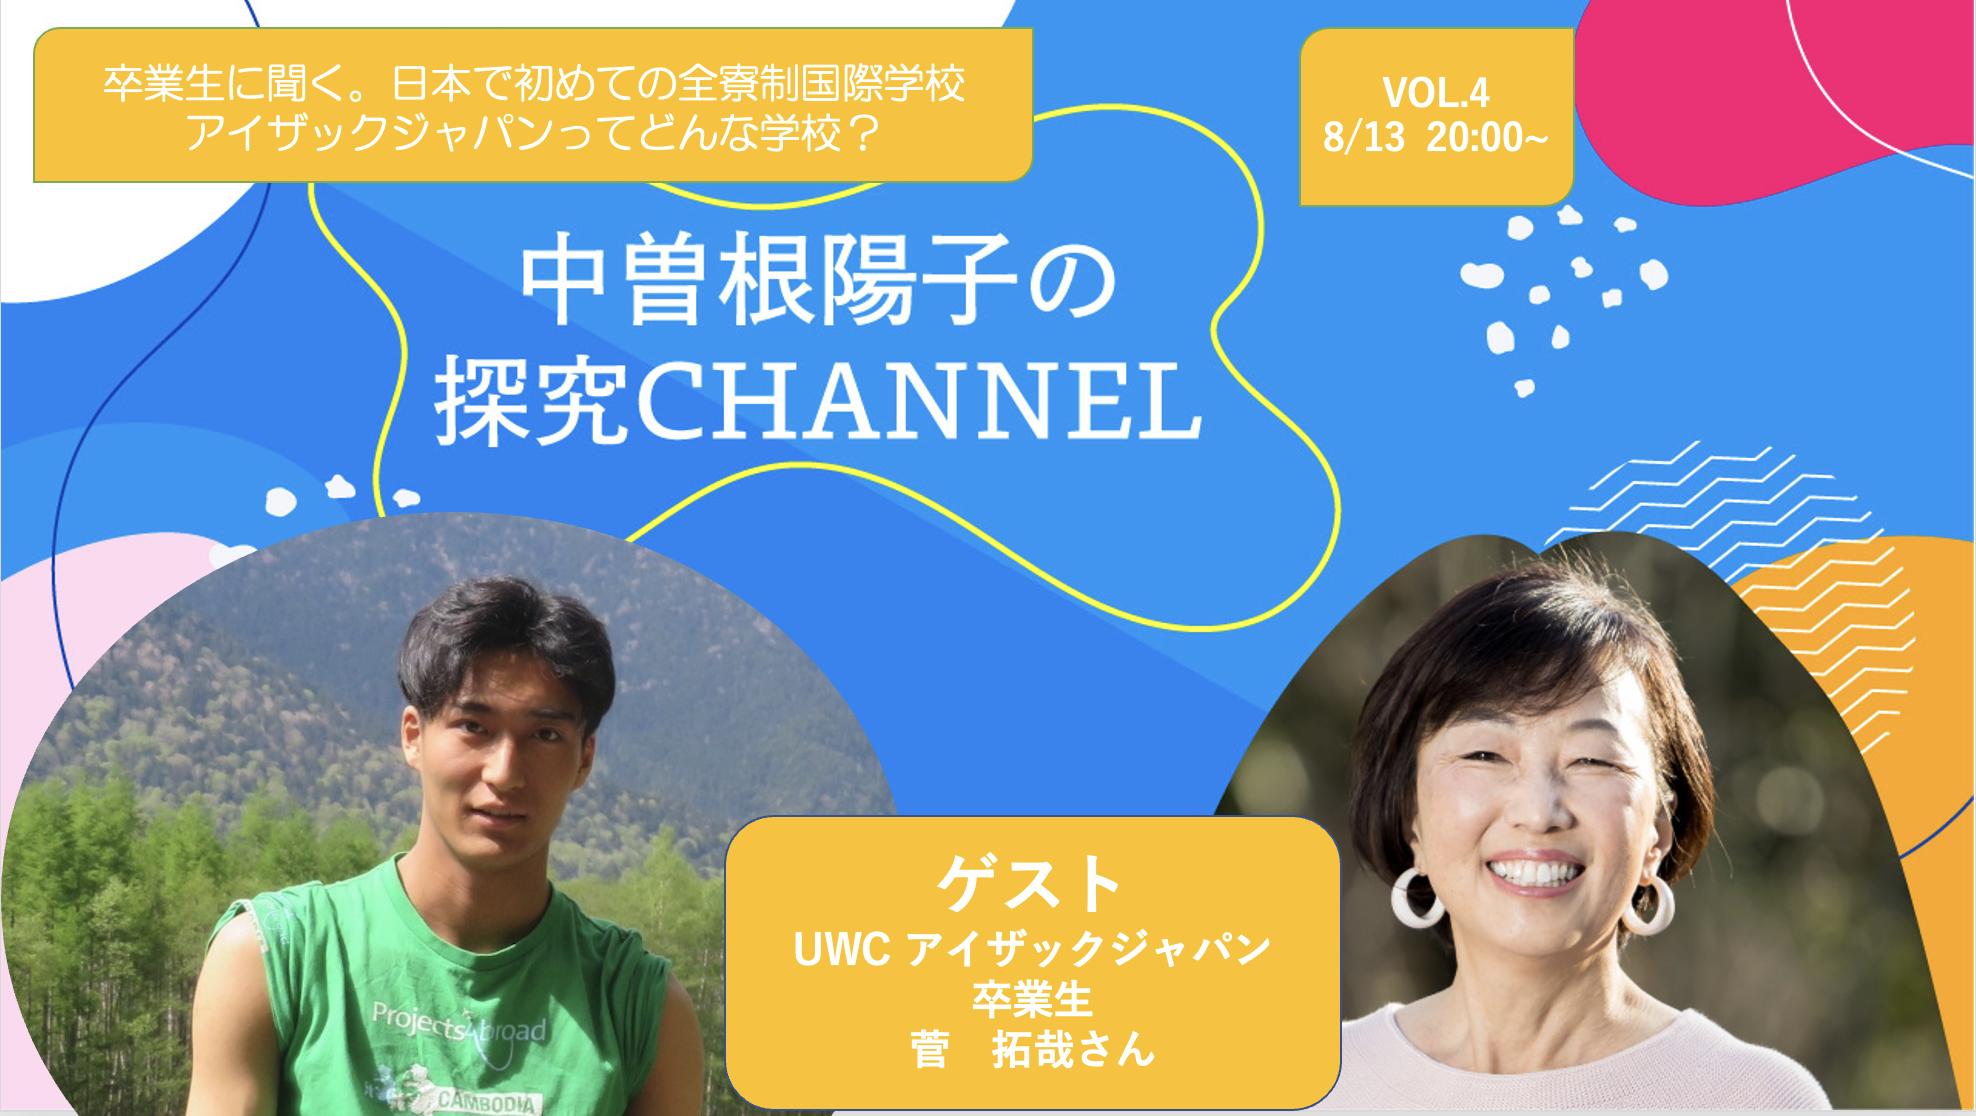 探究チャンネルVOL.4、菅拓哉さんにお話を伺いました